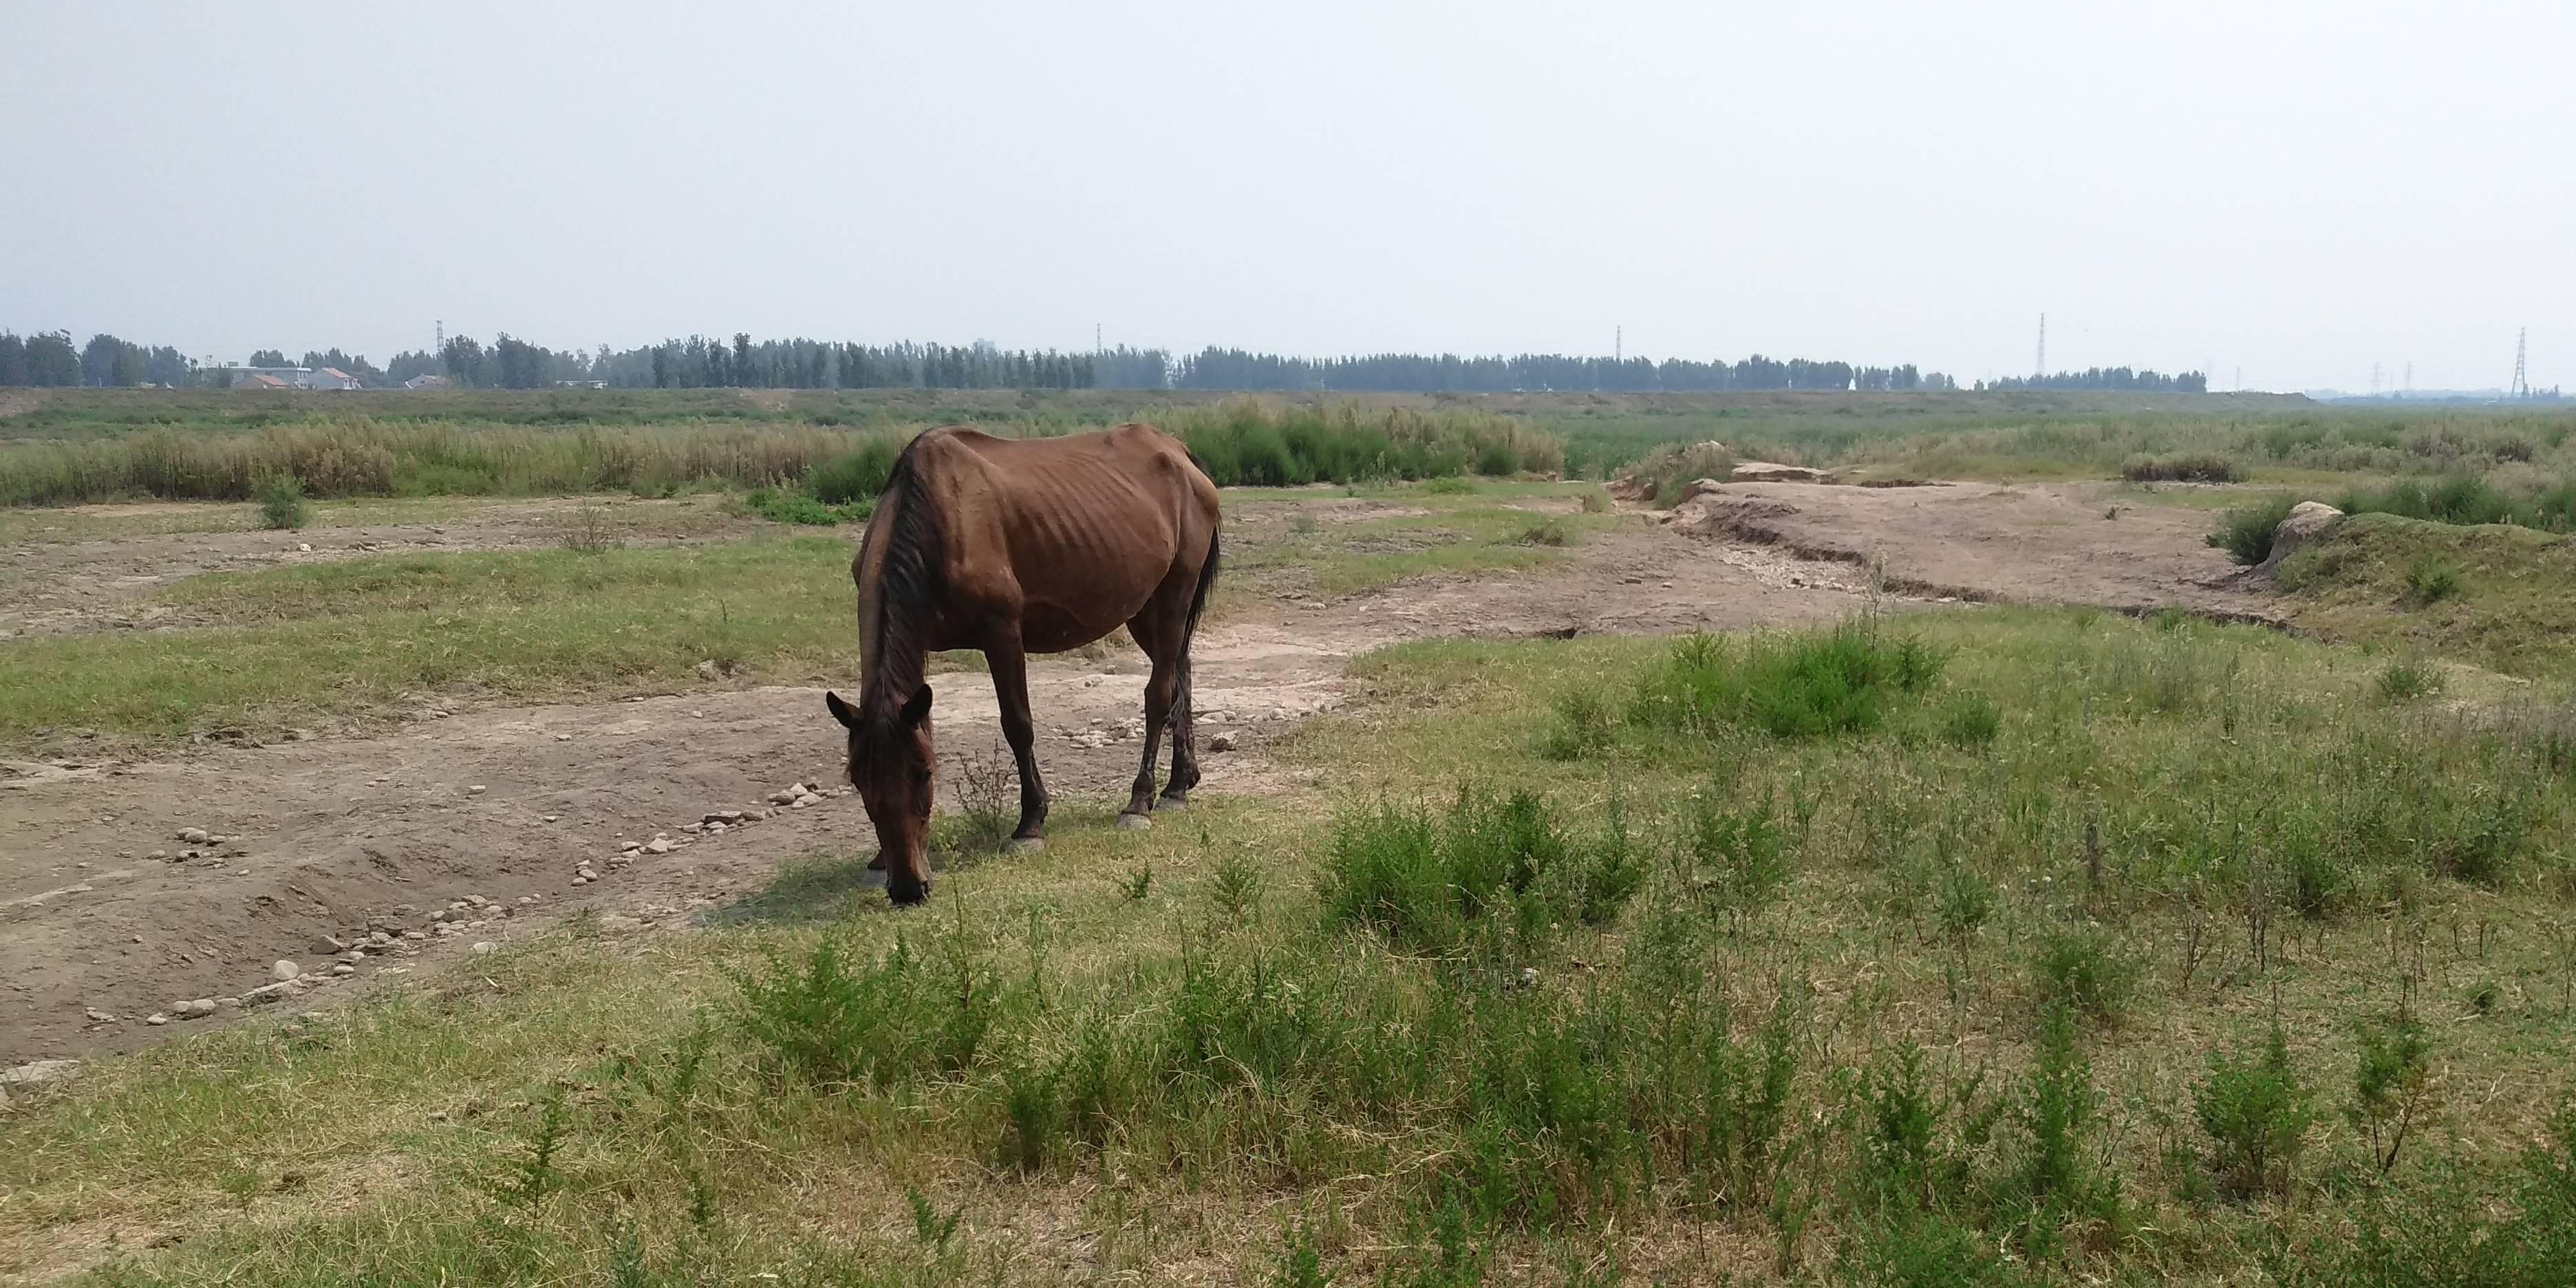 焦作大沙河成跑马滩和白鹭园,成群的马和数不清的白鹭随处可见